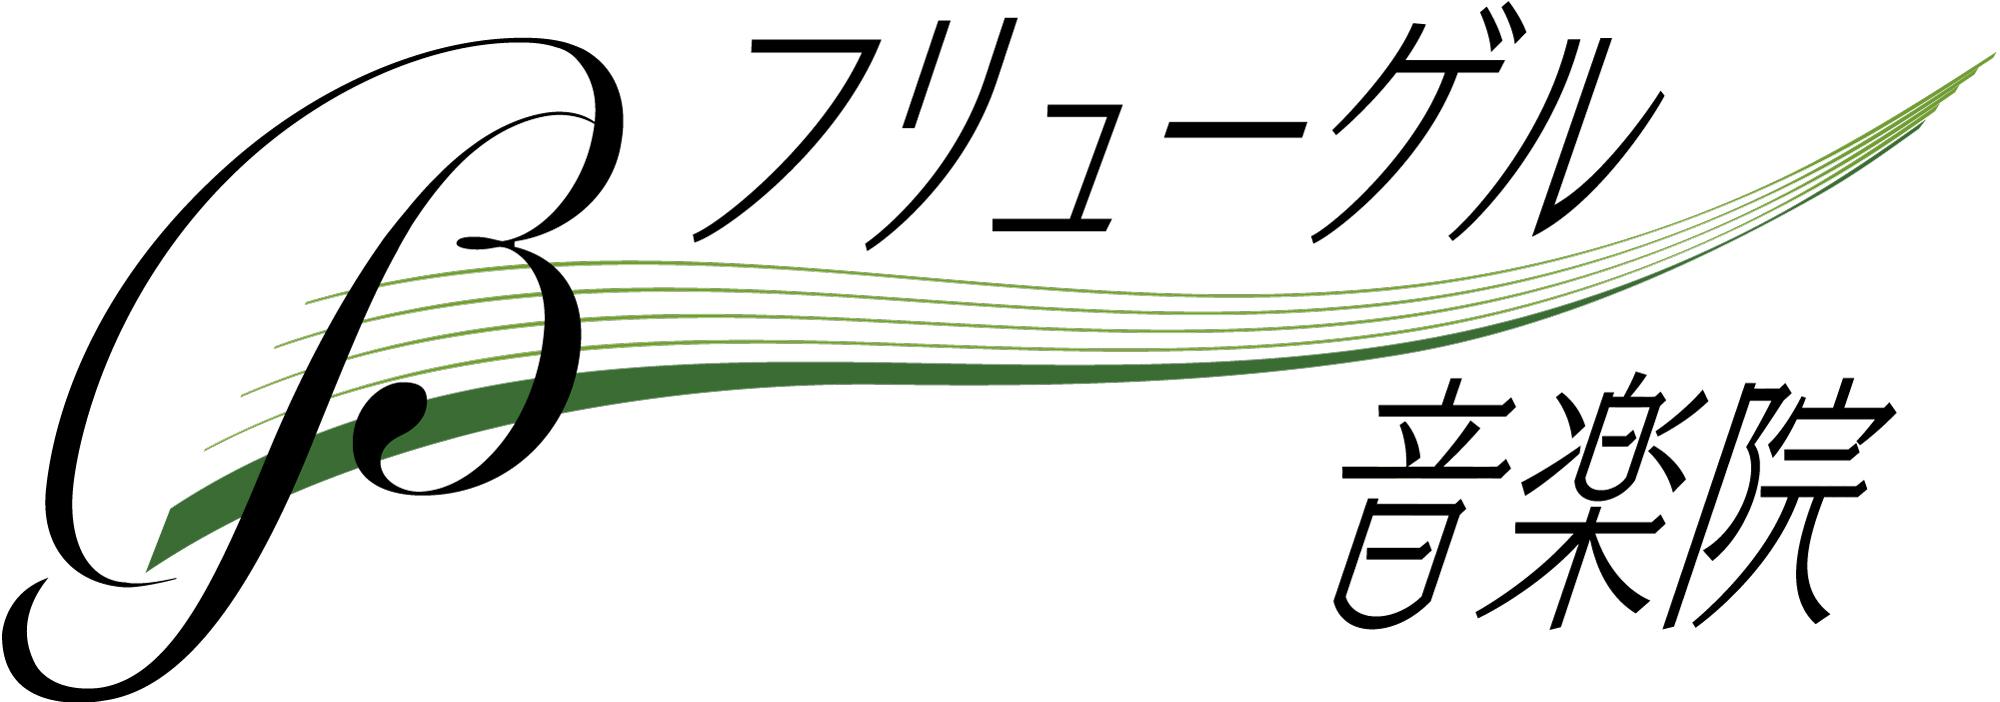 清澄白河の音楽教室 フリューゲル音楽院 【ピアノ・ヴァイオリン・フルート・ソルフェージュ】